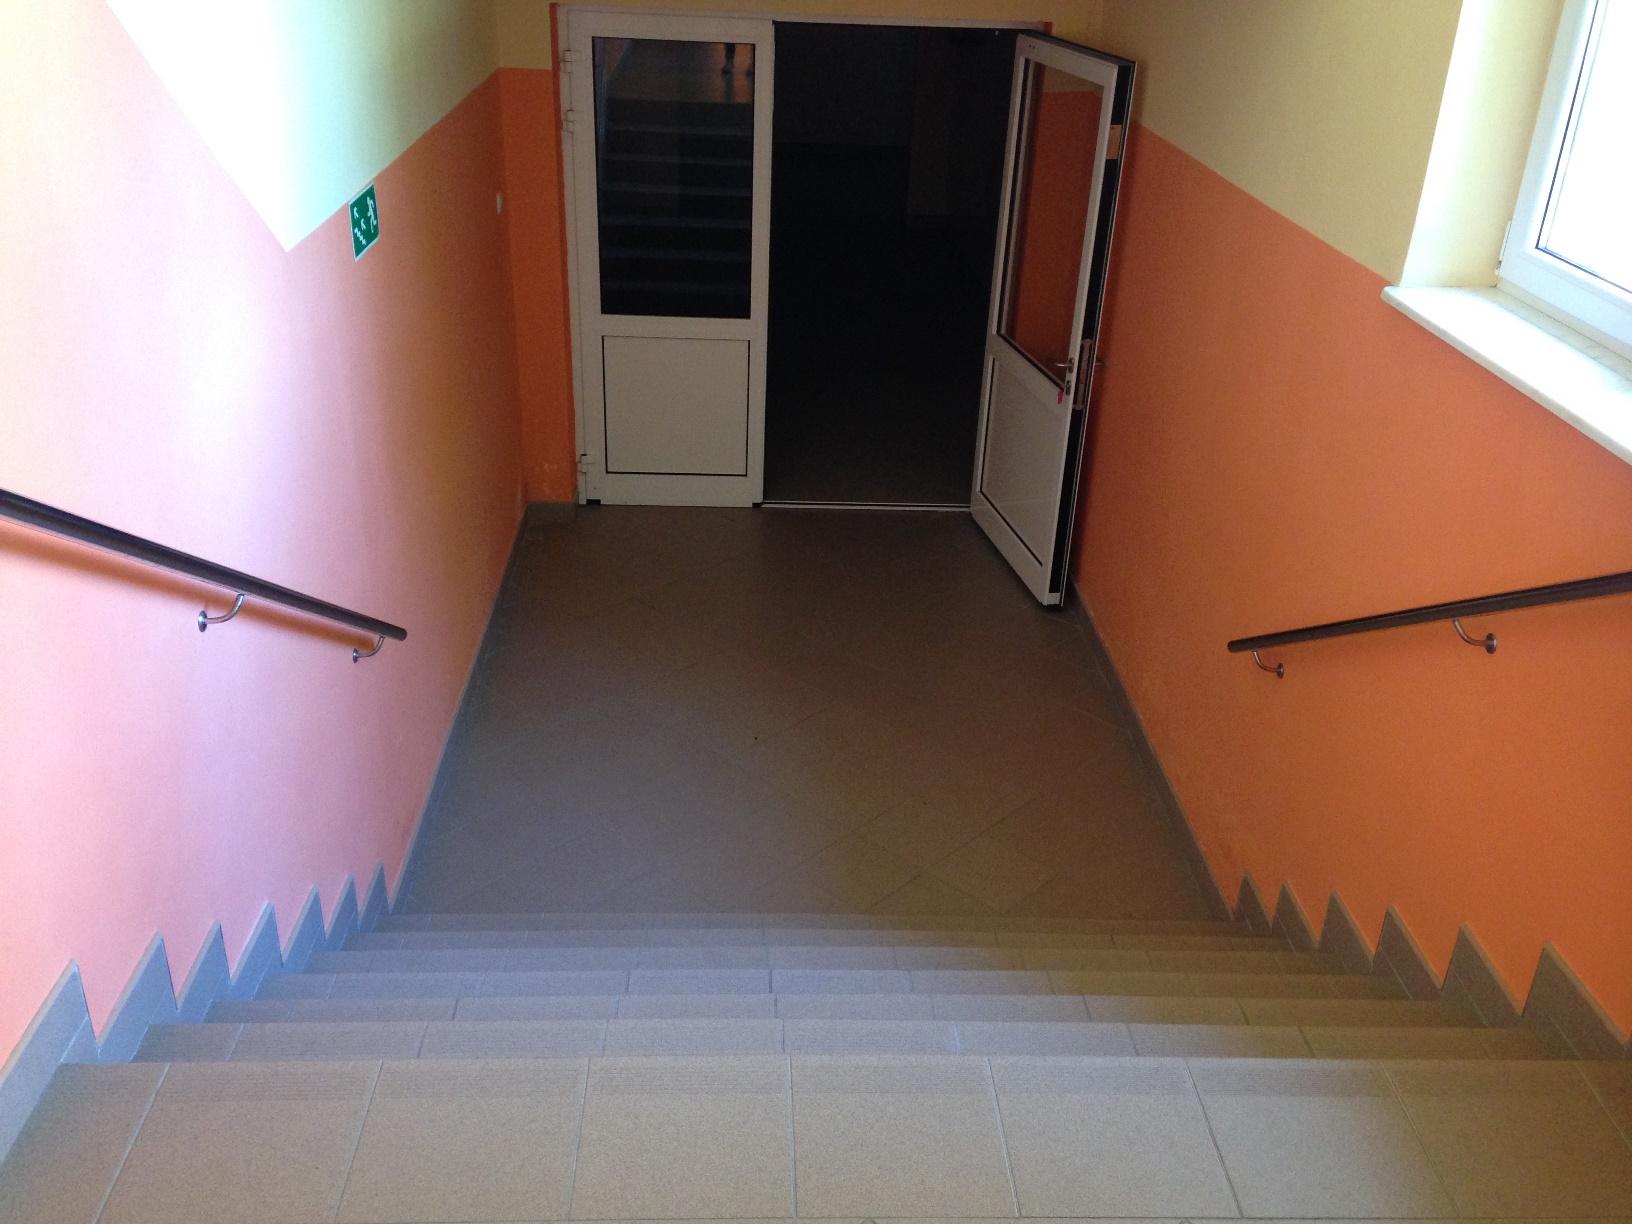 Wejście do sali gimnastycznej od strony łącznika z budynkiem szkoły - schody